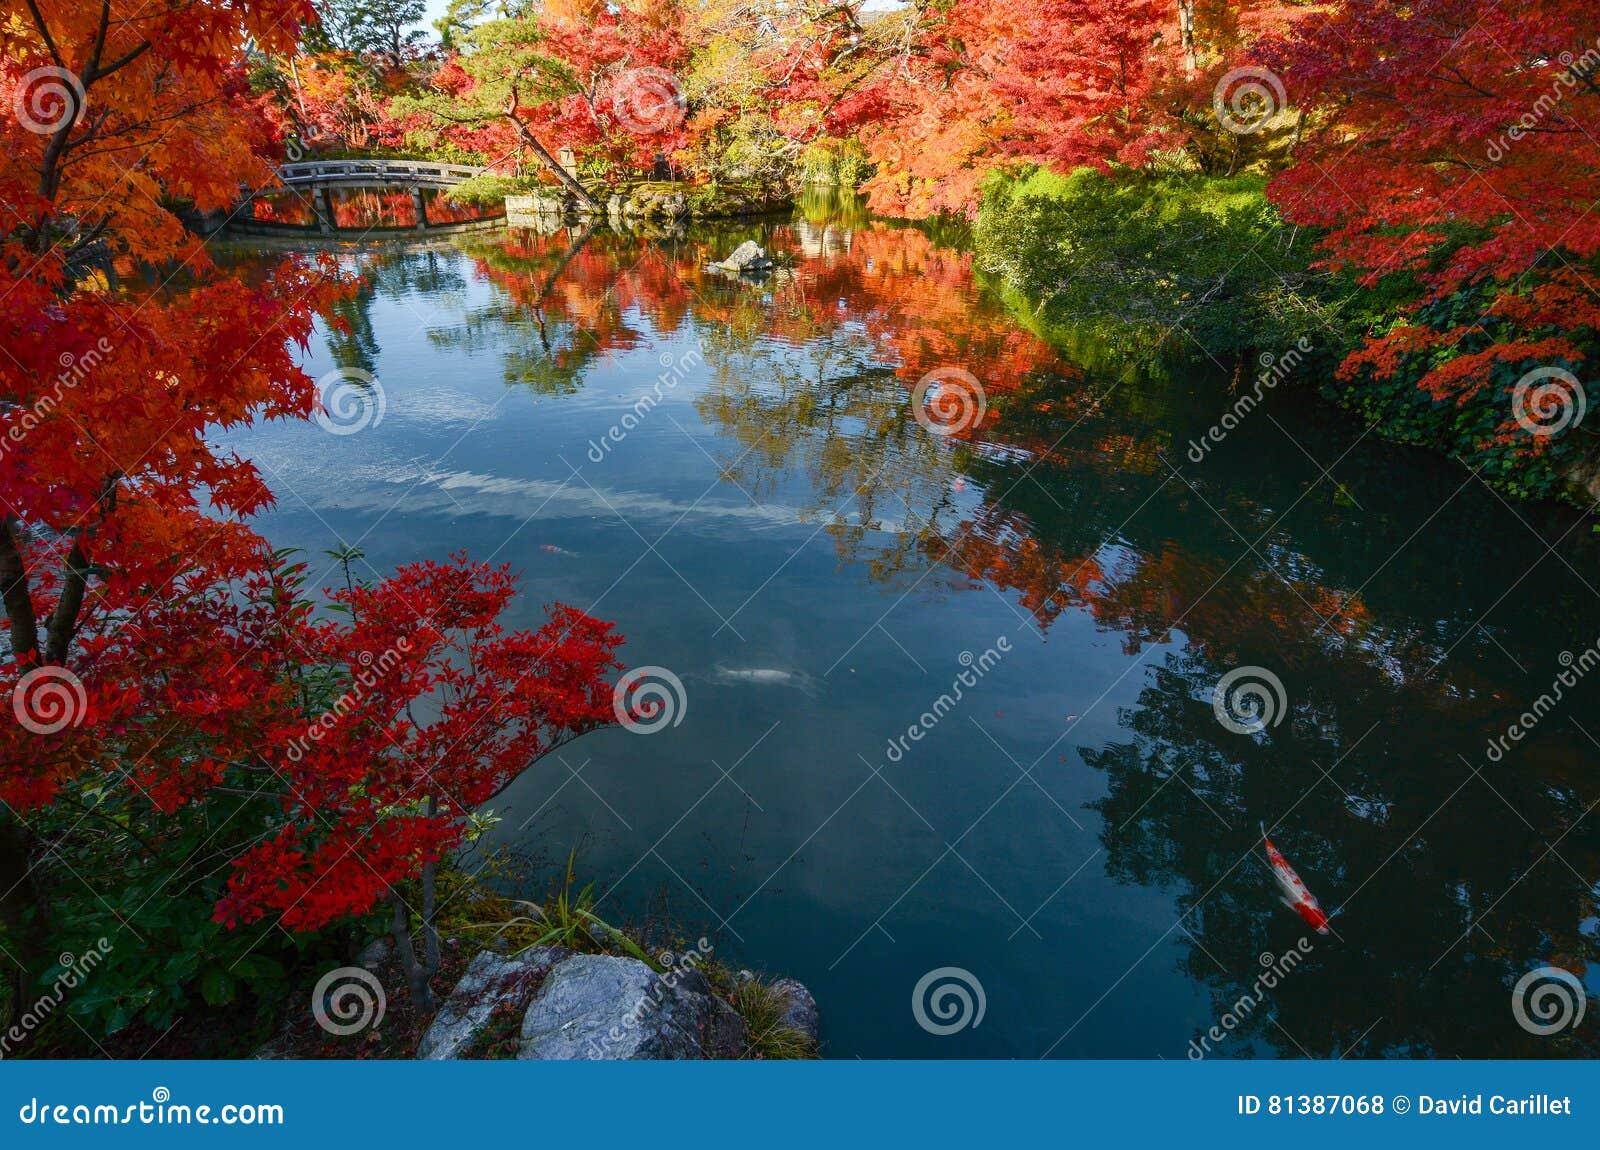 Ειρηνικός ιαπωνικός κήπος λιμνών το φθινόπωρο με τα κόκκινα δέντρα σφενδάμνου στο πλήρες χρώμα πτώσης